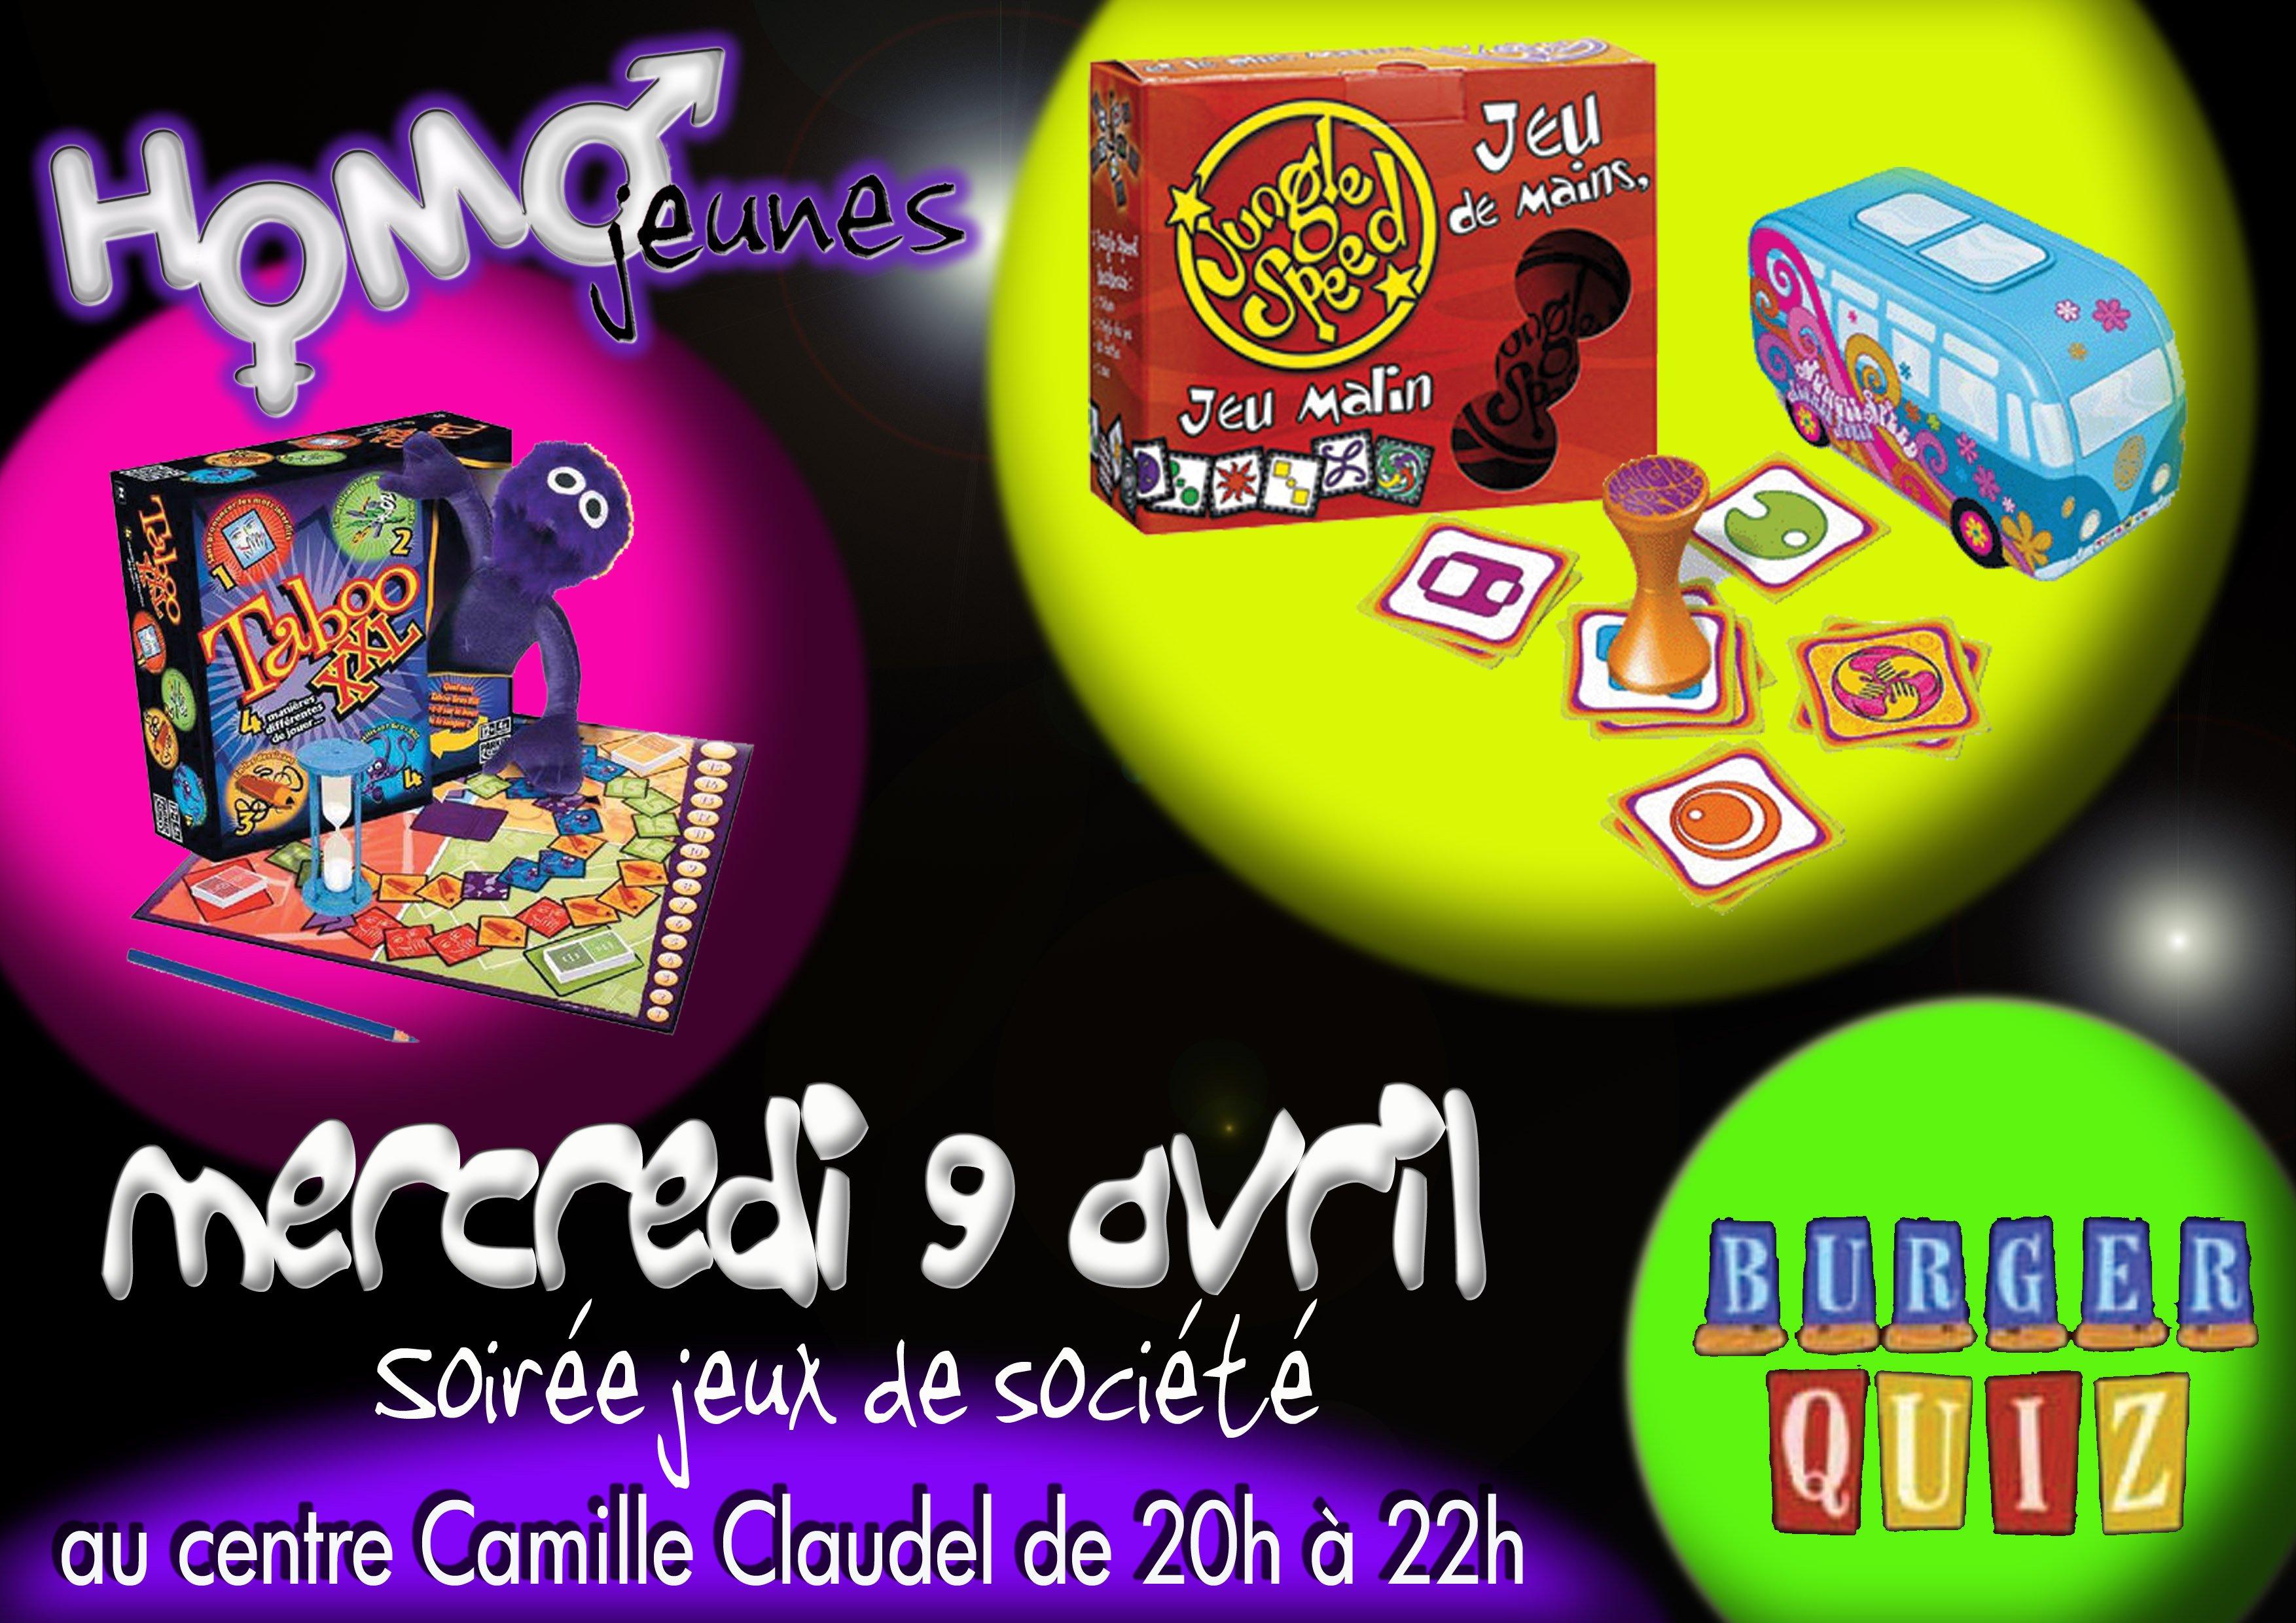 jeuxblogcopie.jpg